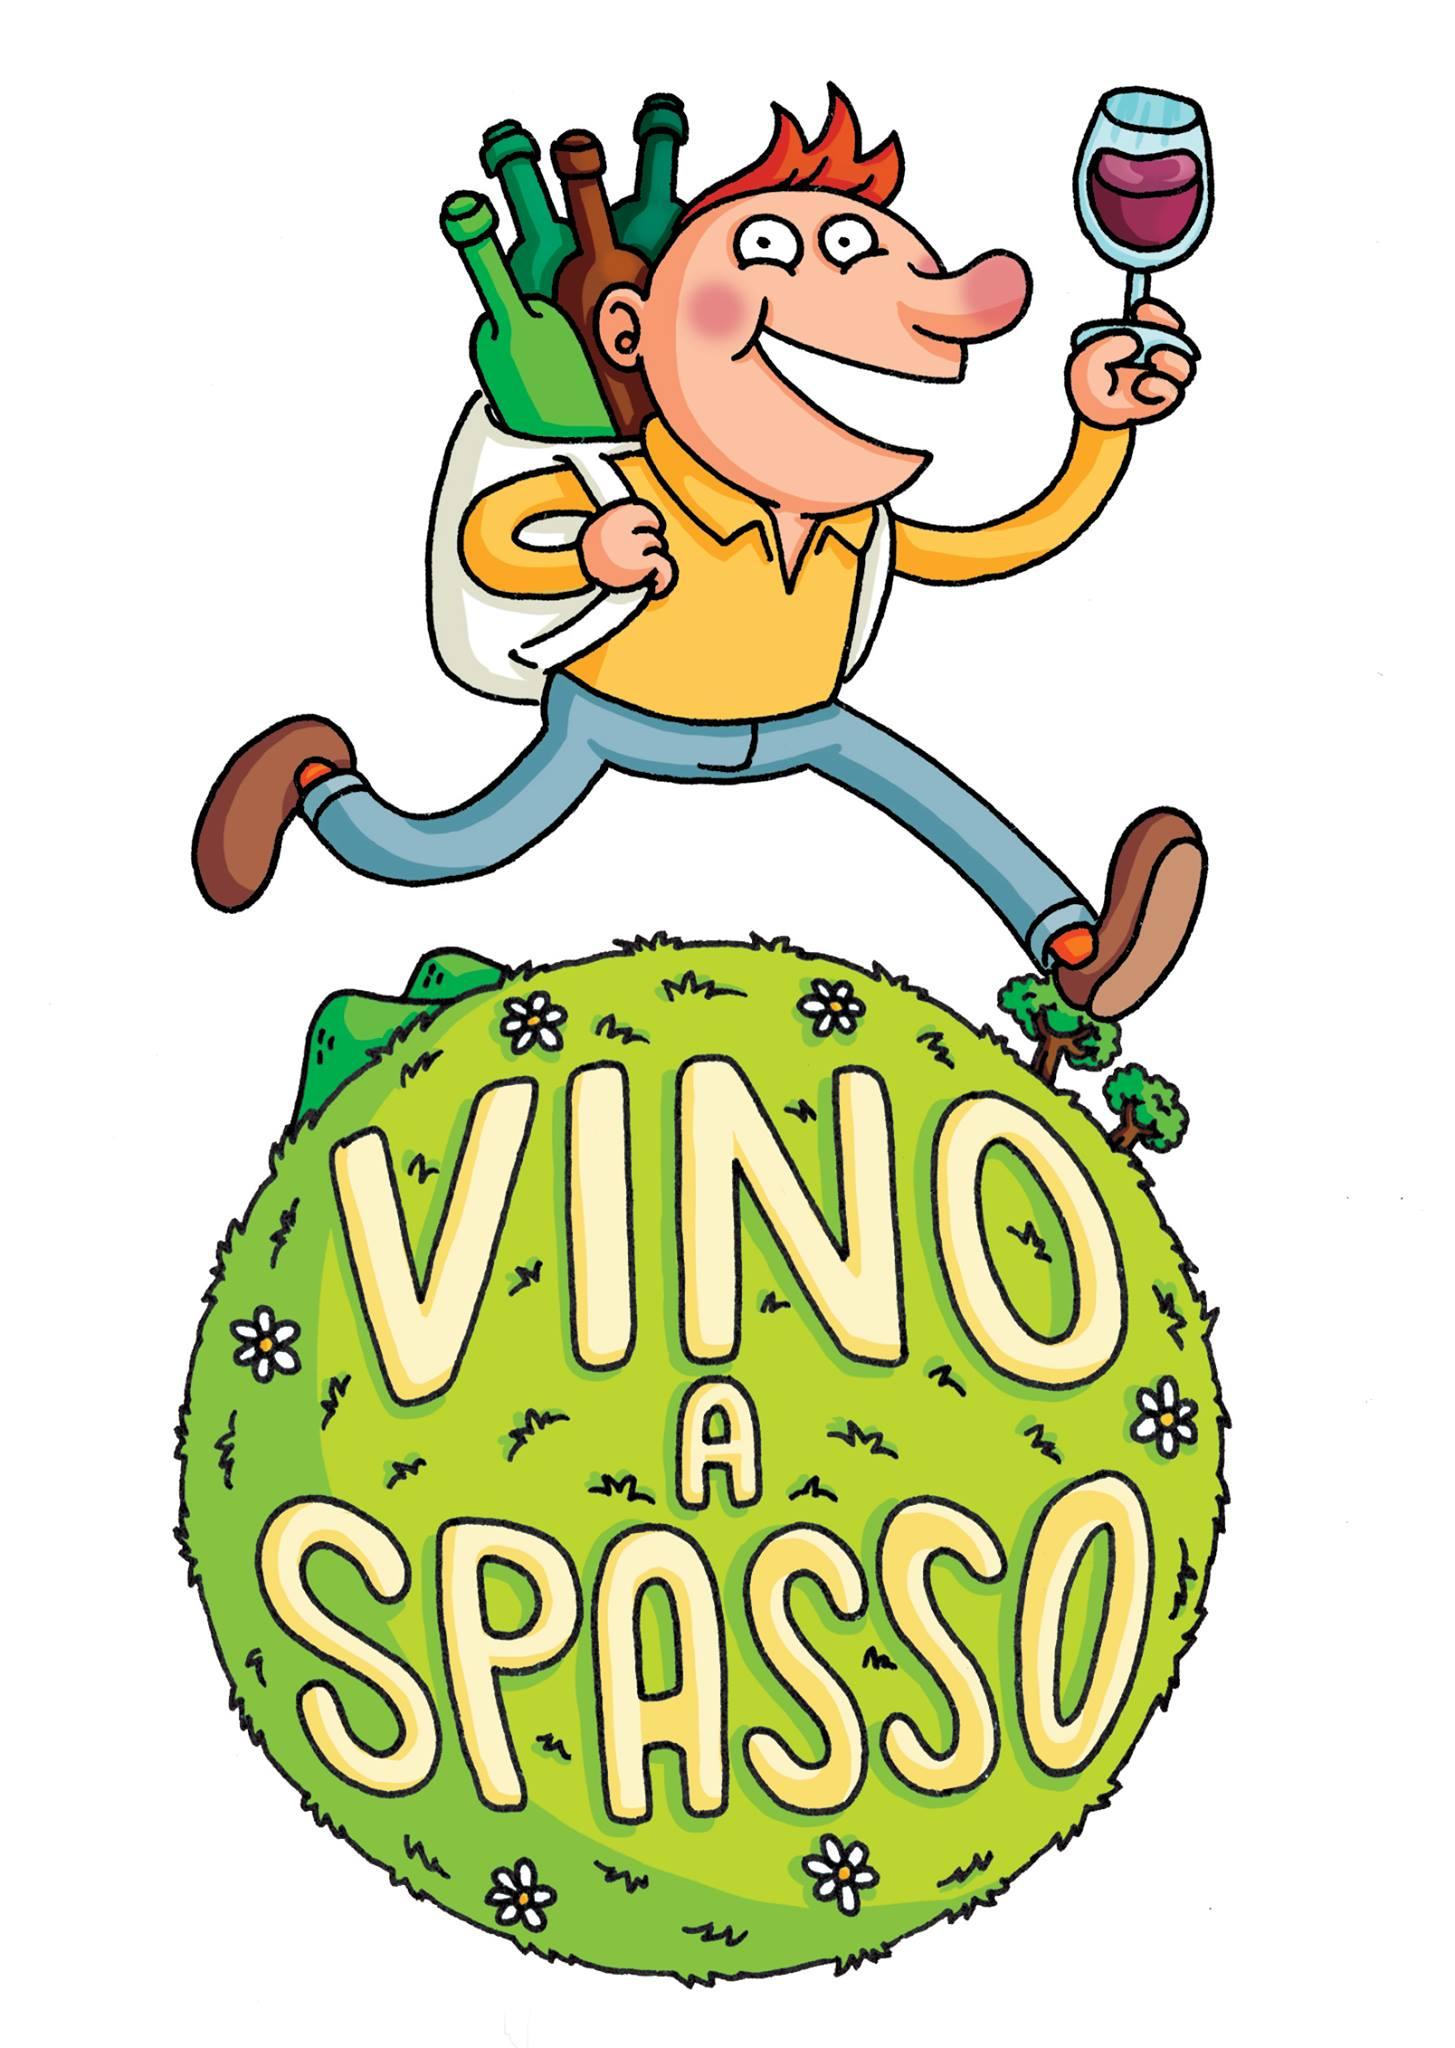 Venerdi 1 e Sabato 2 Novembre torna Vino a Spasso...per le enoteche di Rapallo